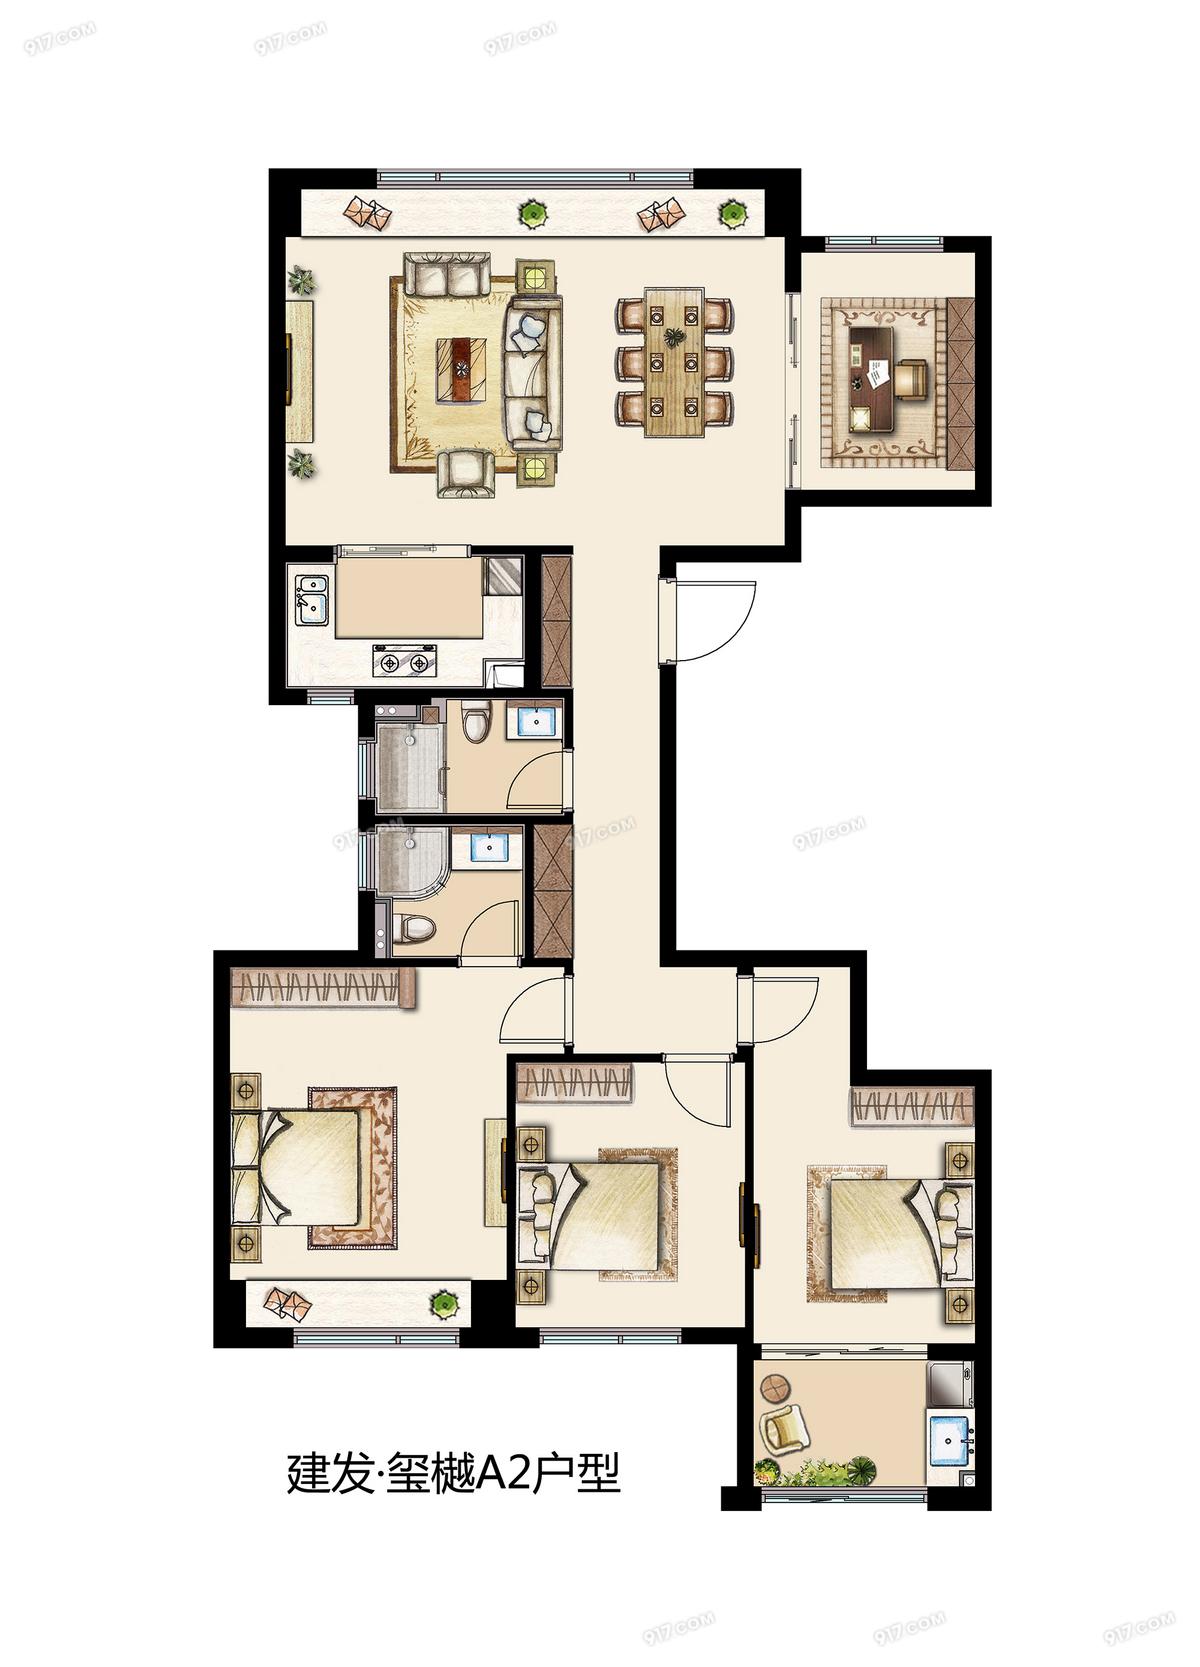 A2 131平 四室两厅两卫